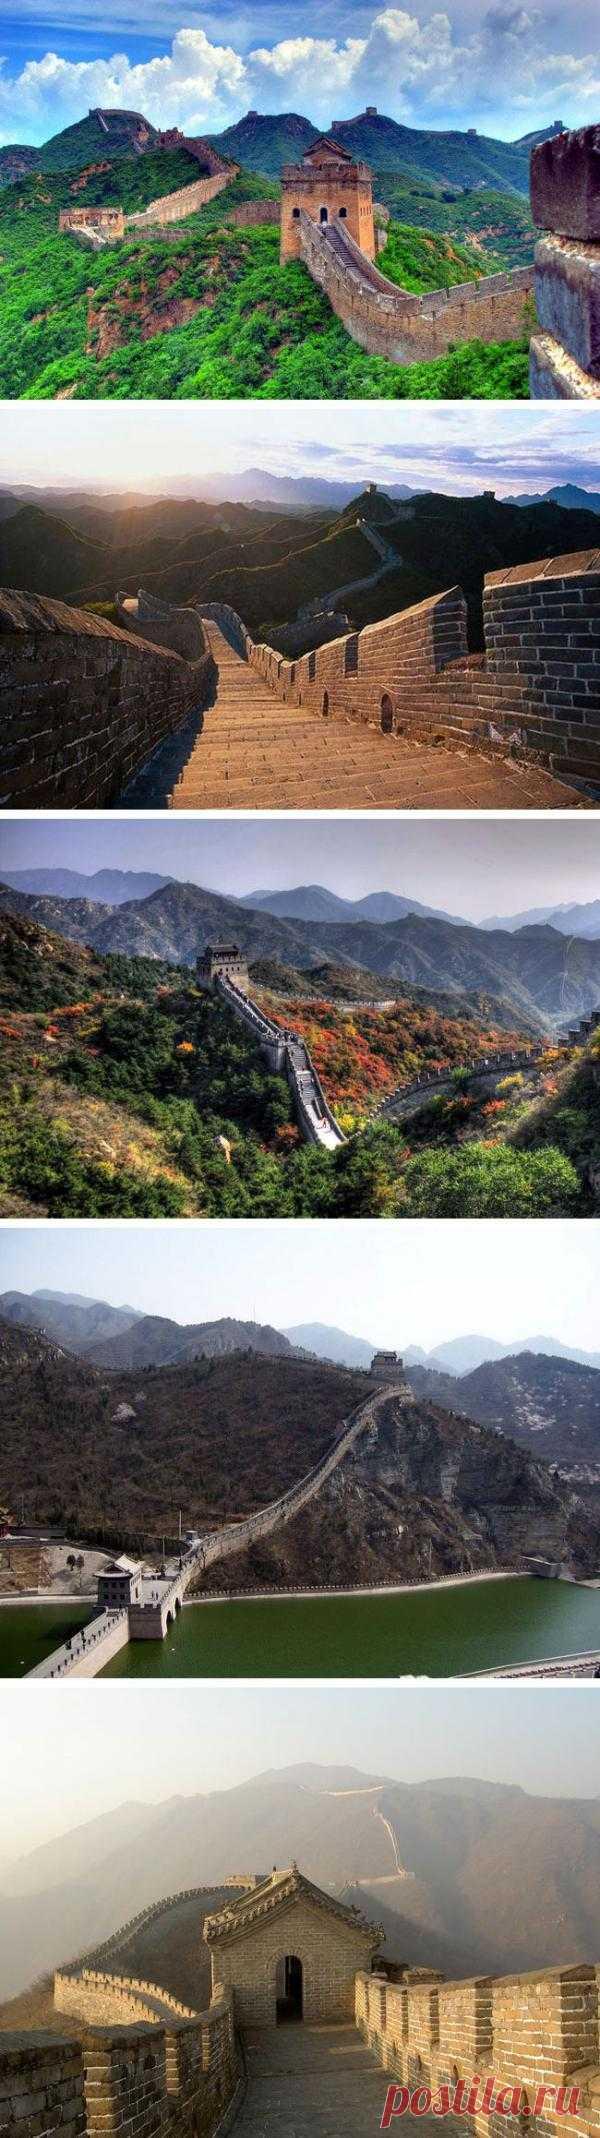 Великая Китайская стена. Ее возведение заняло около двух тысяч лет. Длина же составляет 2500 километров, а если учесть отходящие от нее другие крепостные валы, то получится 8 тысяч 851 километр и 800 метров.